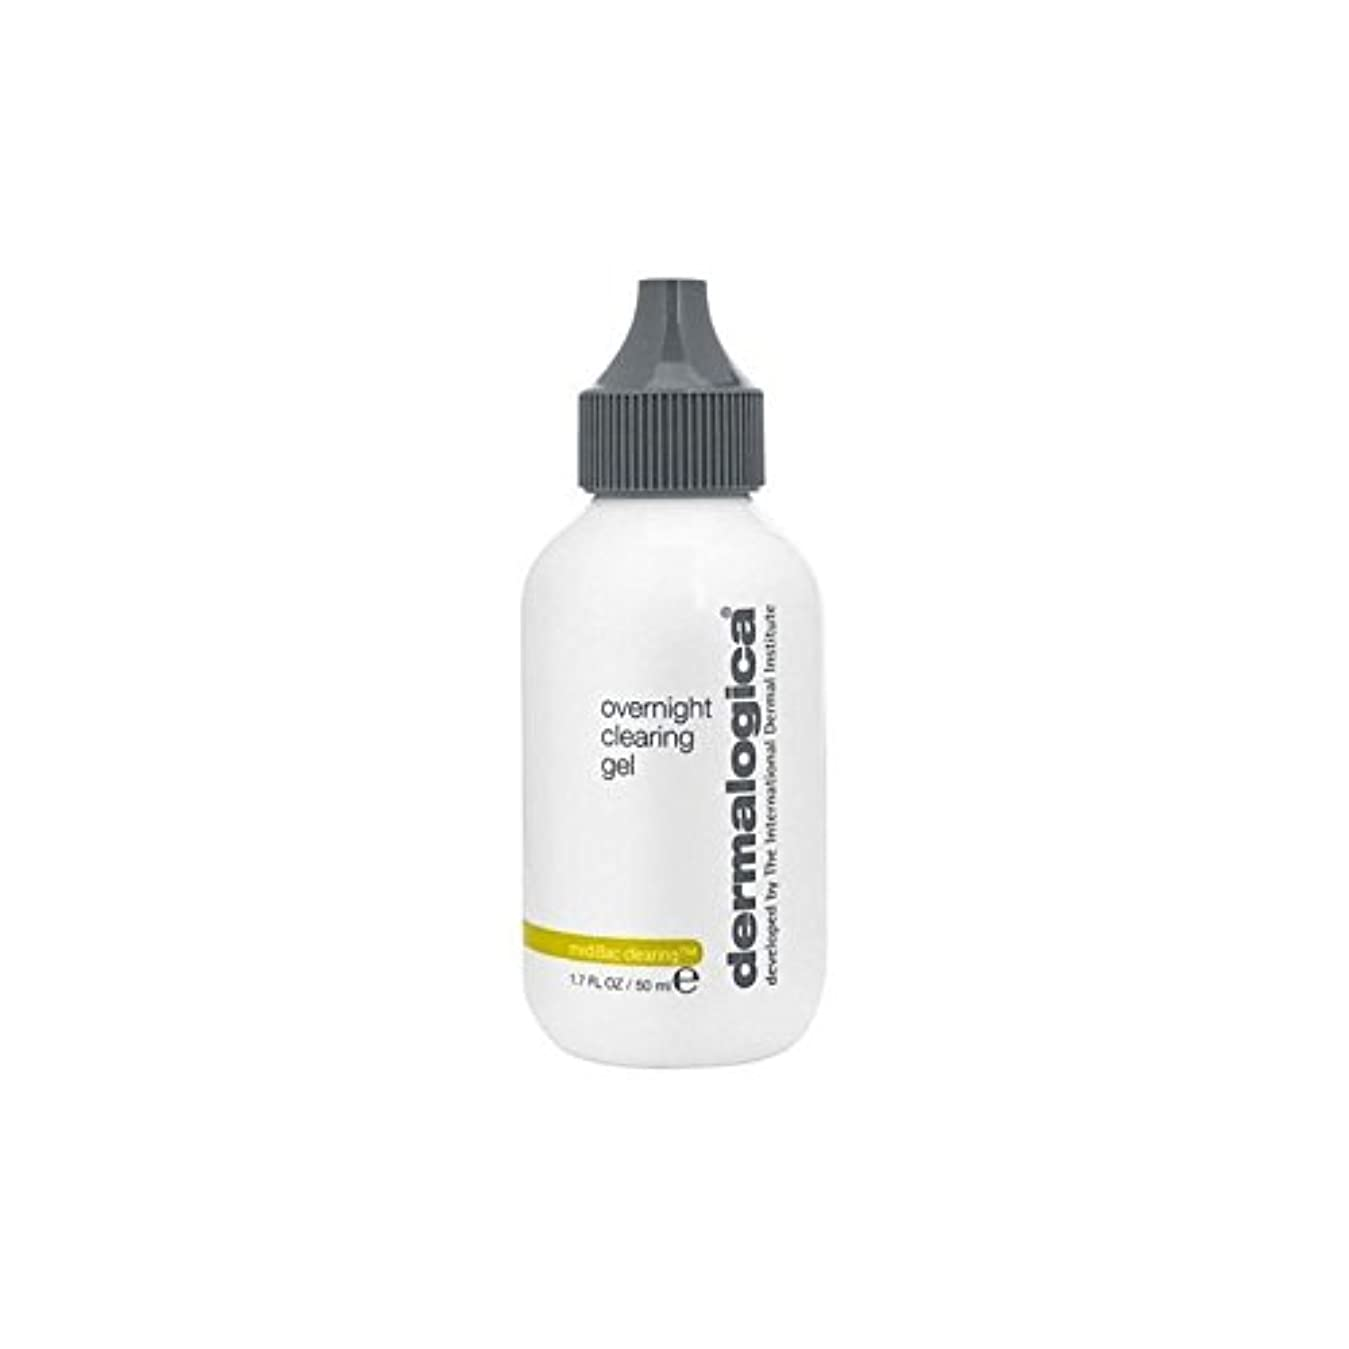 収穫本当のことを言うと不変Dermalogica Medibac Overnight Clearing Gel (50ml) (Pack of 6) - ダーマロジカ一晩透明ゲル(50)中 x6 [並行輸入品]